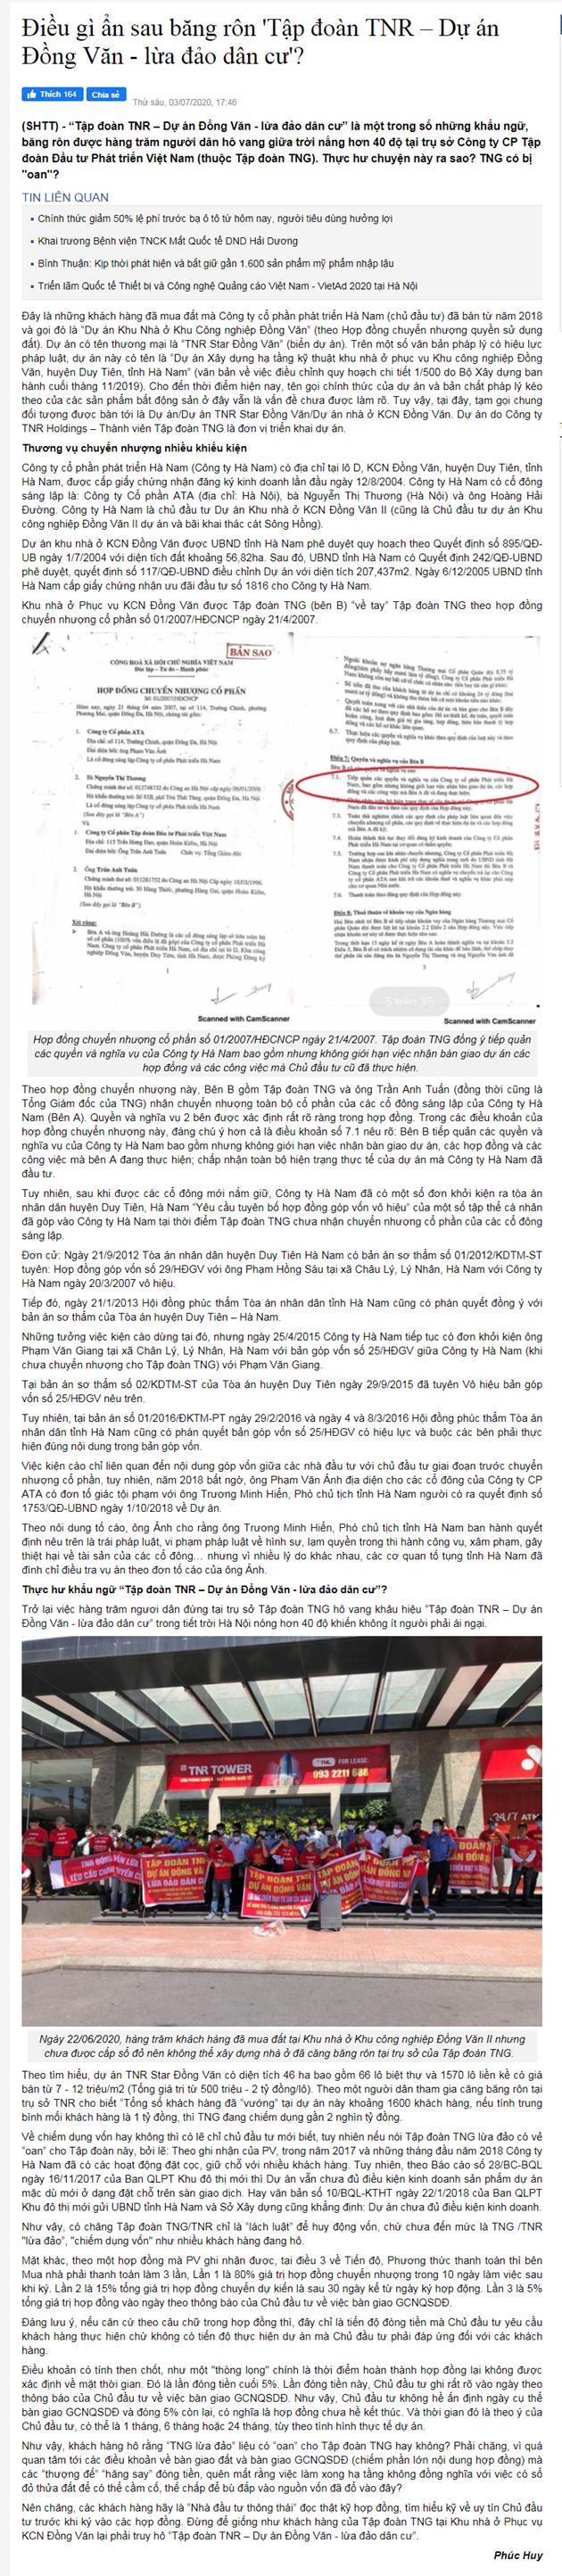 """Cư dân TNR Star Đồng Văn """"kêu cứu"""", biểu tình tố chủ đầu tư """"lừa đảo"""", chiếm đoạt tài sản? - Ảnh 4"""